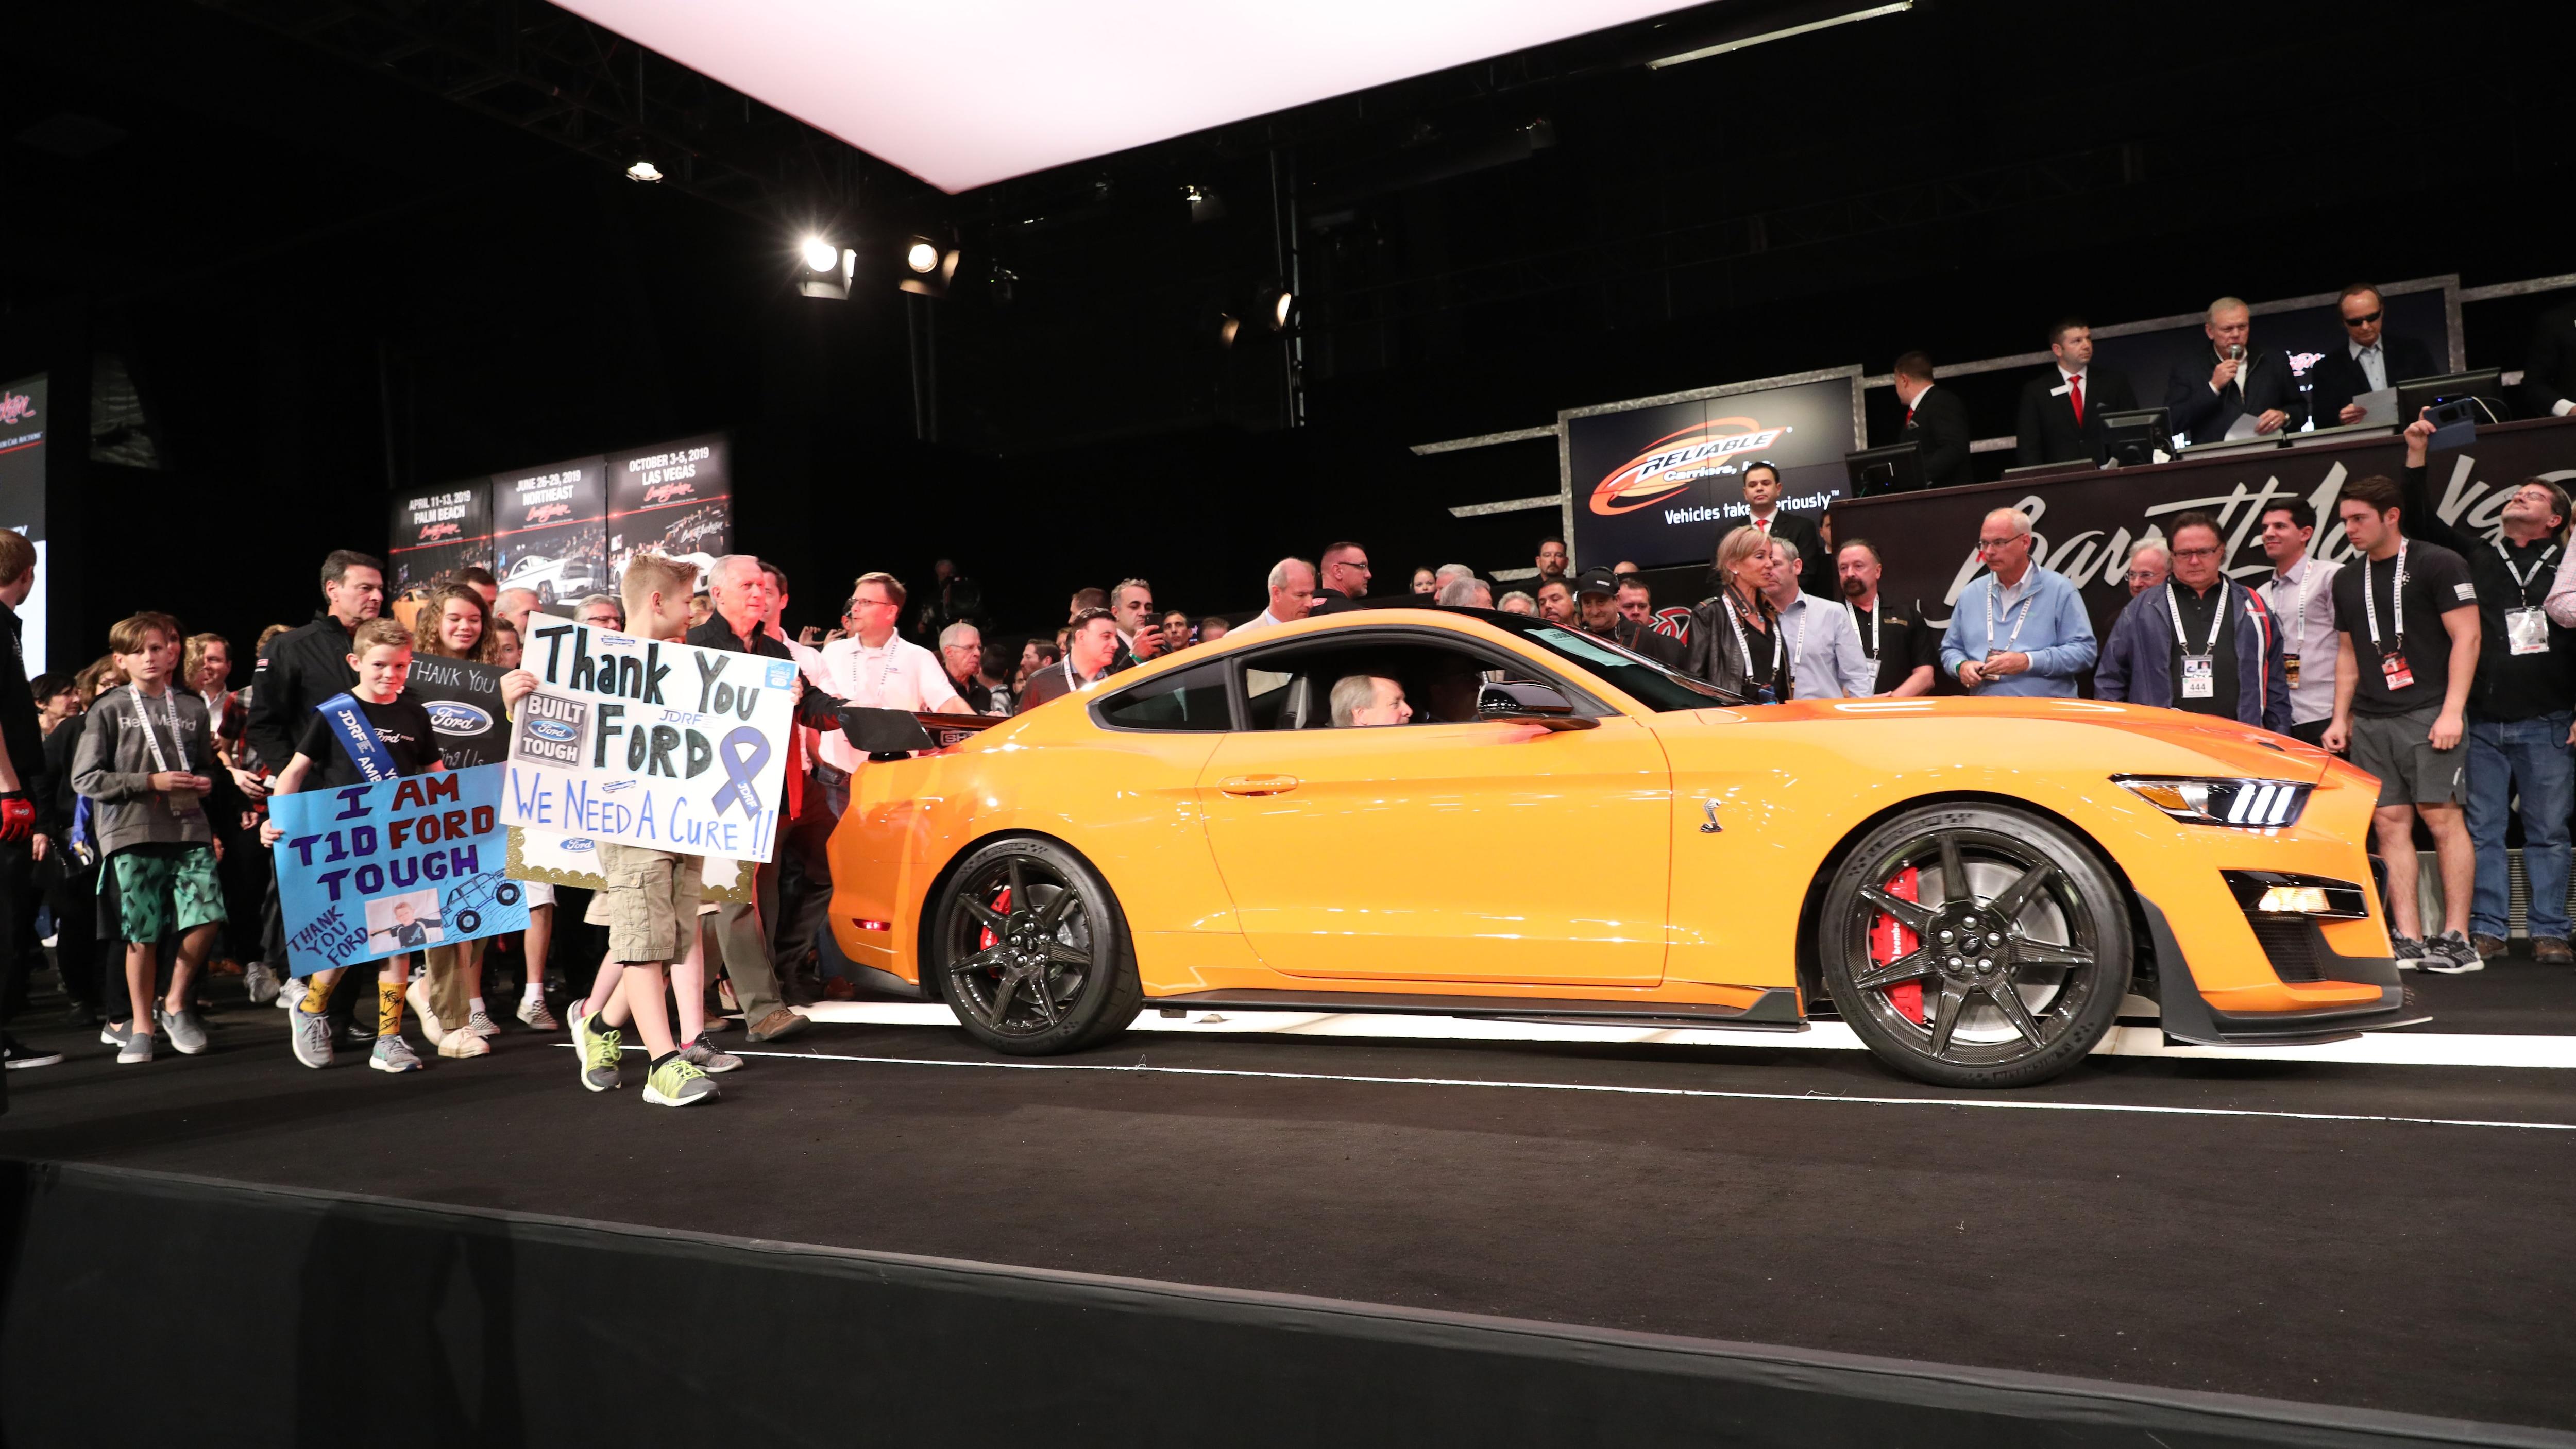 2020 Ford Mustang Shelby GT500 VIN 001 Barrett Jackson